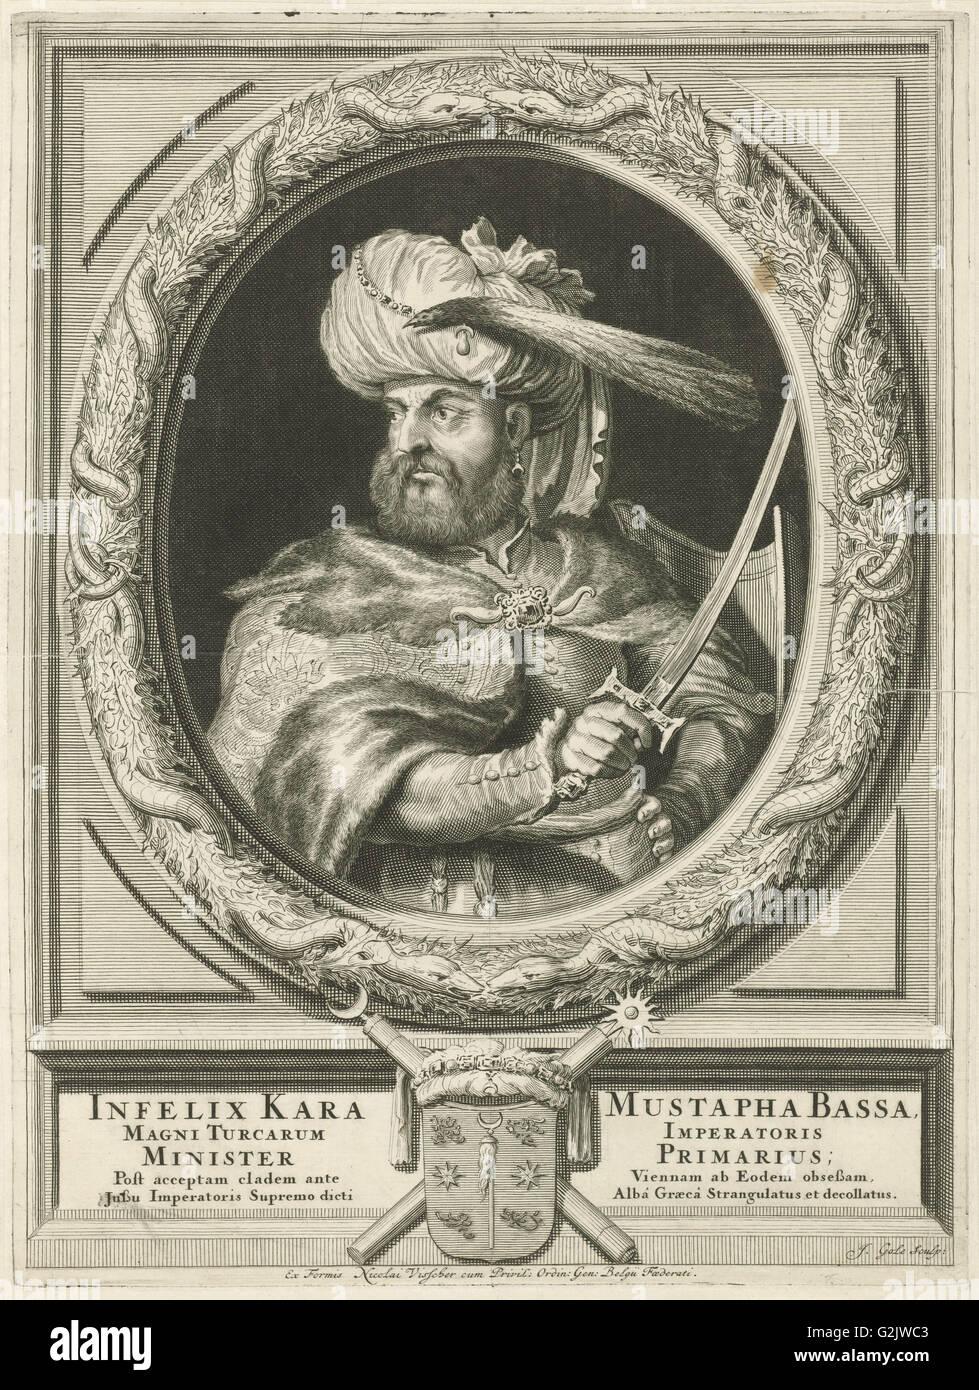 Portrait of Kara Mustafa Pasha, Jacob Gole, Nicolaas Visscher (II), Republiek der Zeven Verenigde Nederlanden, 1670 - Stock Image